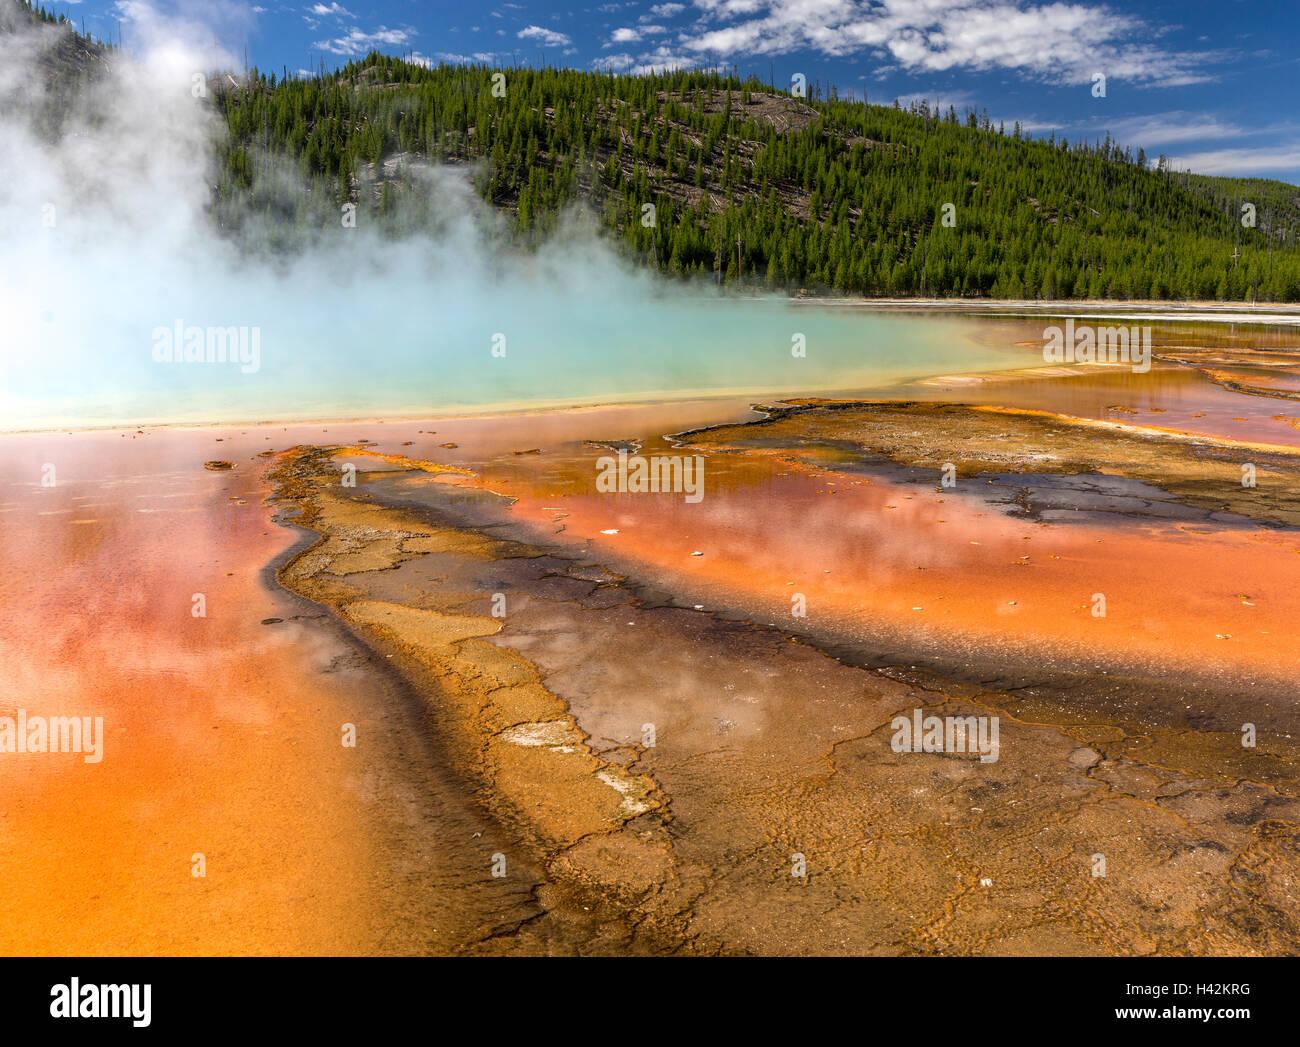 El Parque Nacional Yellowstone, Wyoming; patrones de naranja termófilas (algas) en el agua caliente el escurrimiento Imagen De Stock